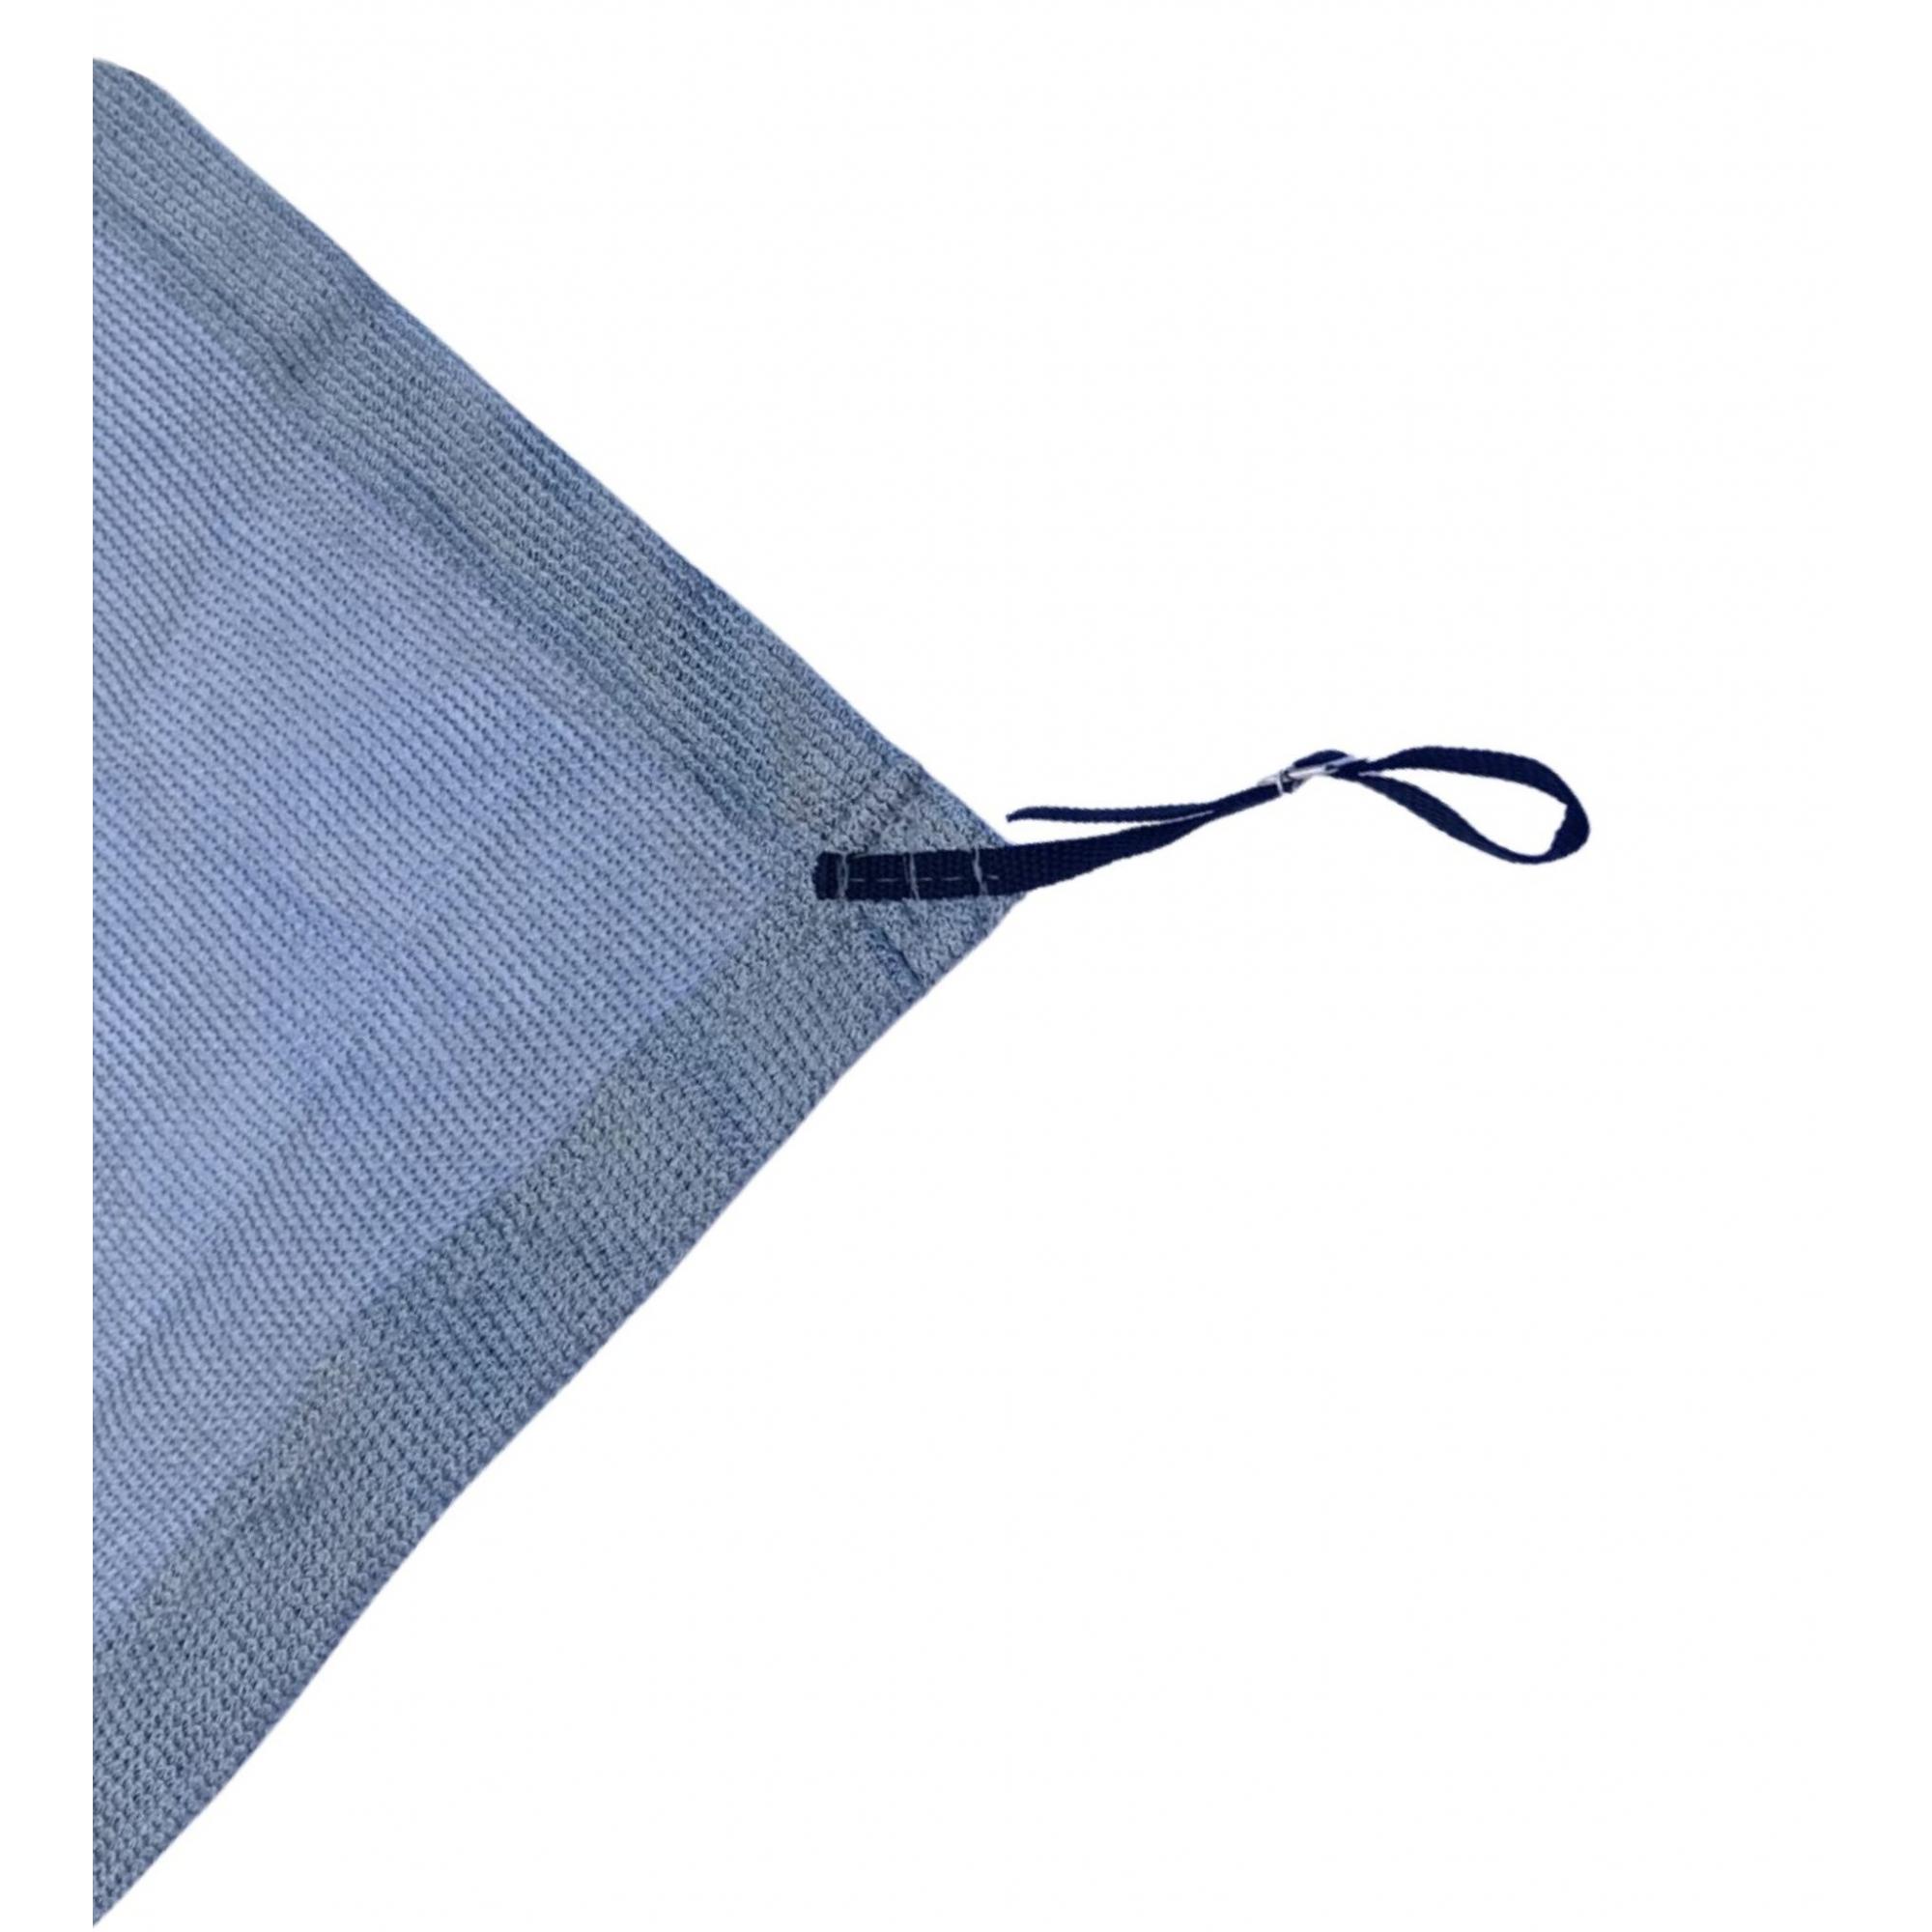 Tela de Sombreamento 80% Prata com Esticadores - Largura: 3,5 Metros